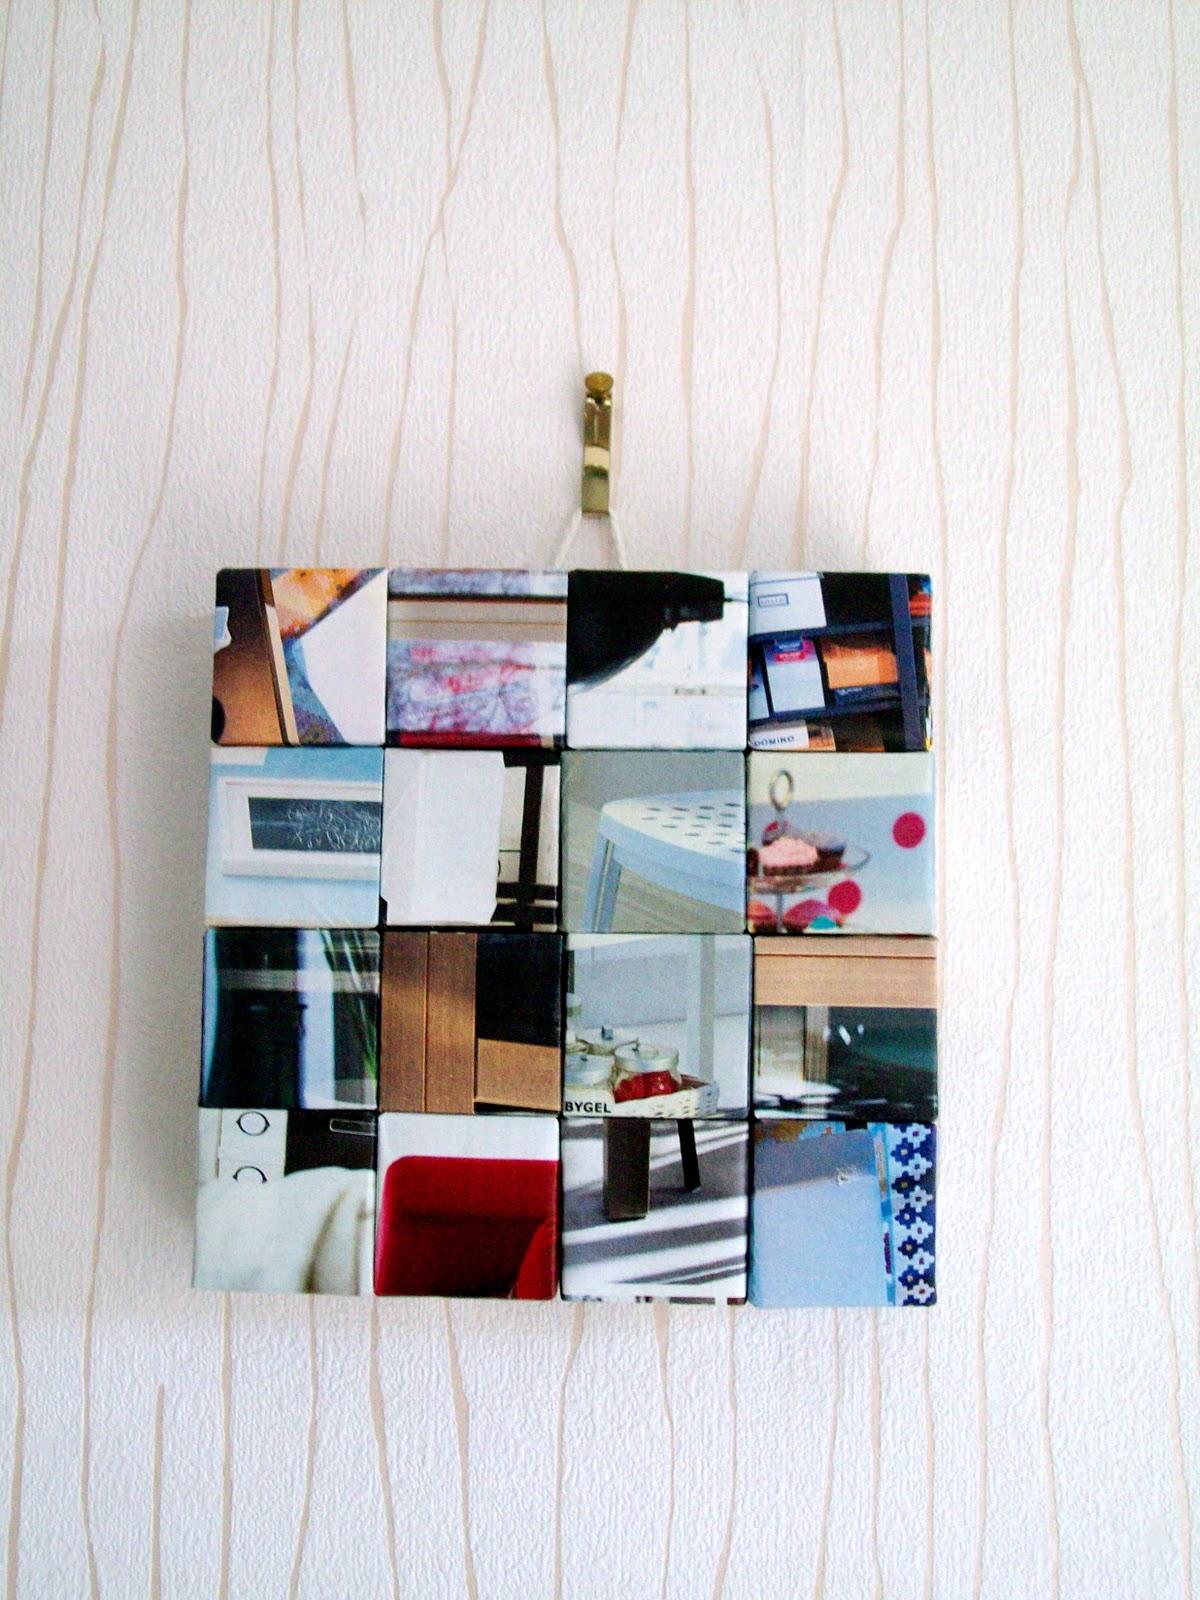 Makey Cakey Recycled Ikea Catalogue Wall Art